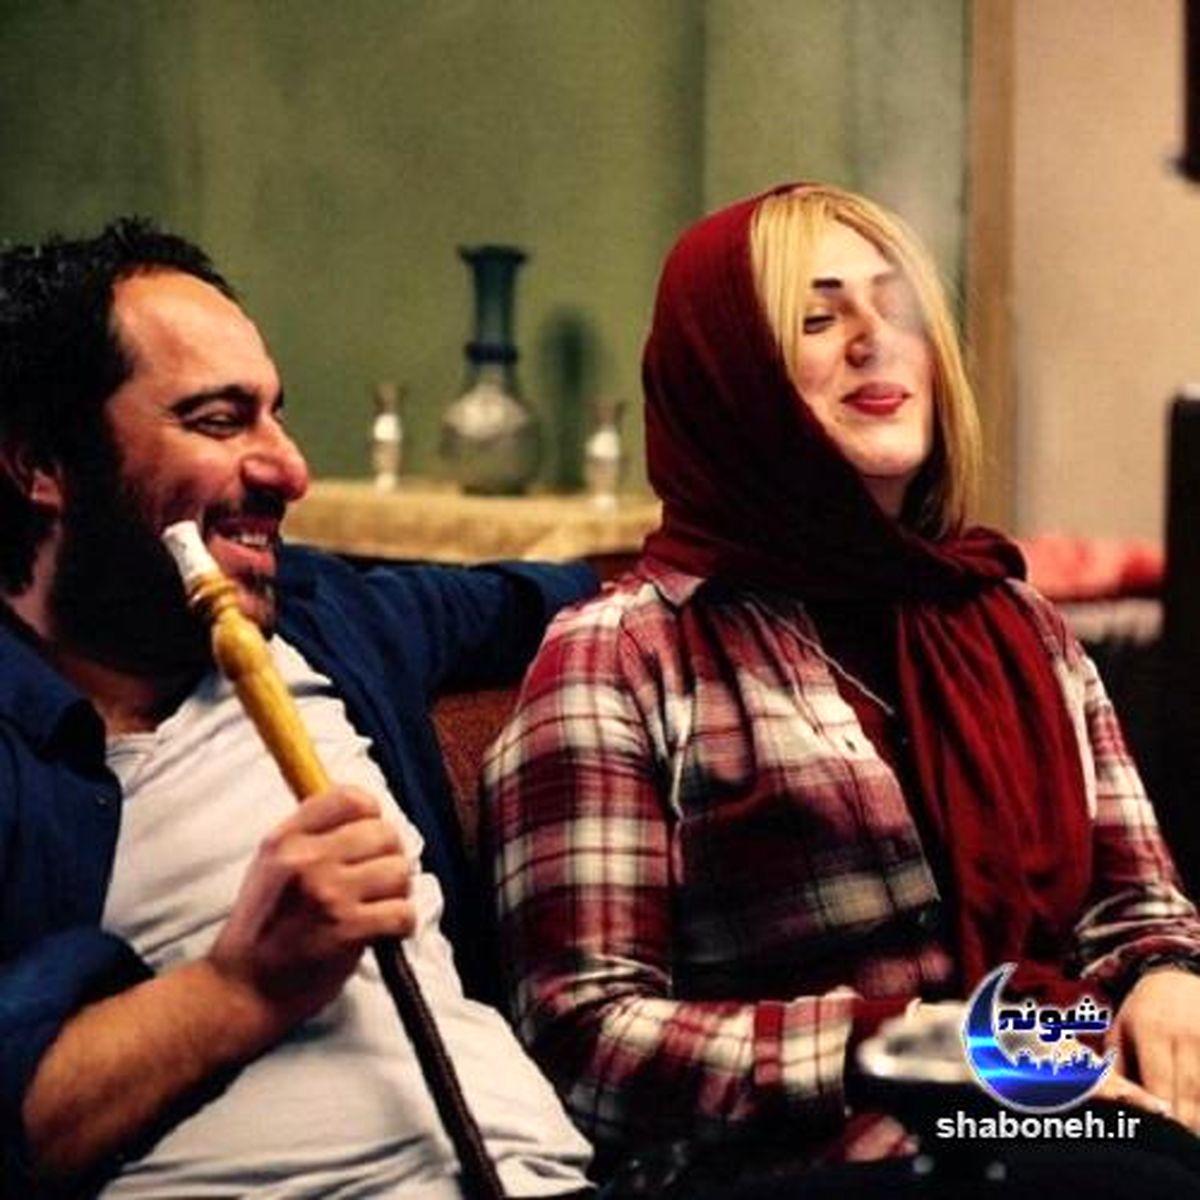 سیگار کشیدن باران کوثری در آغوش محسن کیایی ! + عکس